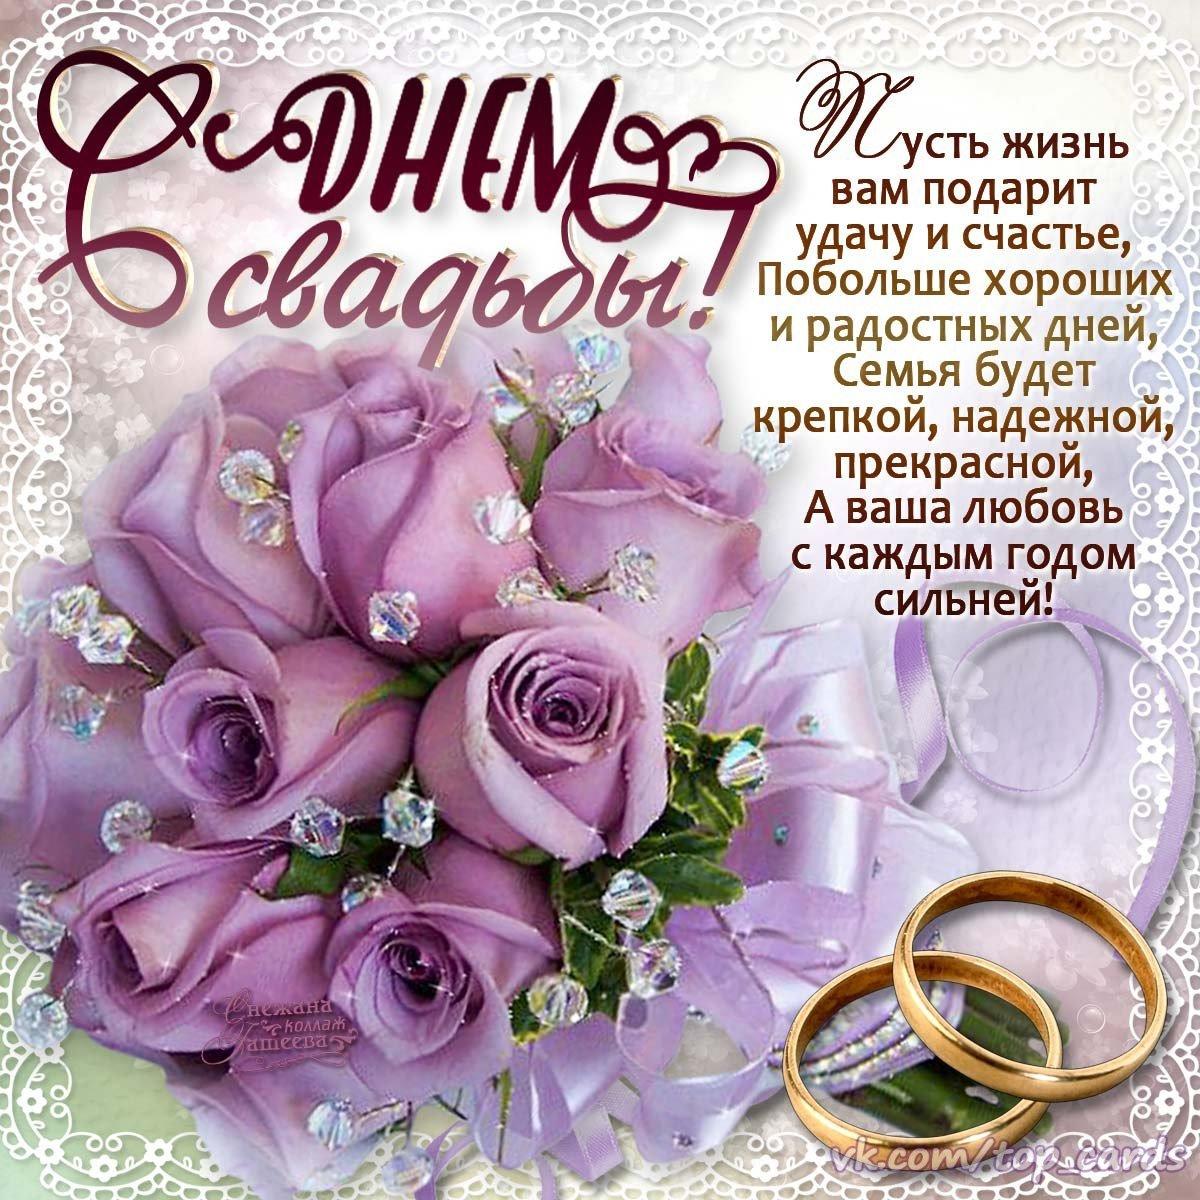 Поздравления картинки с свадьбой